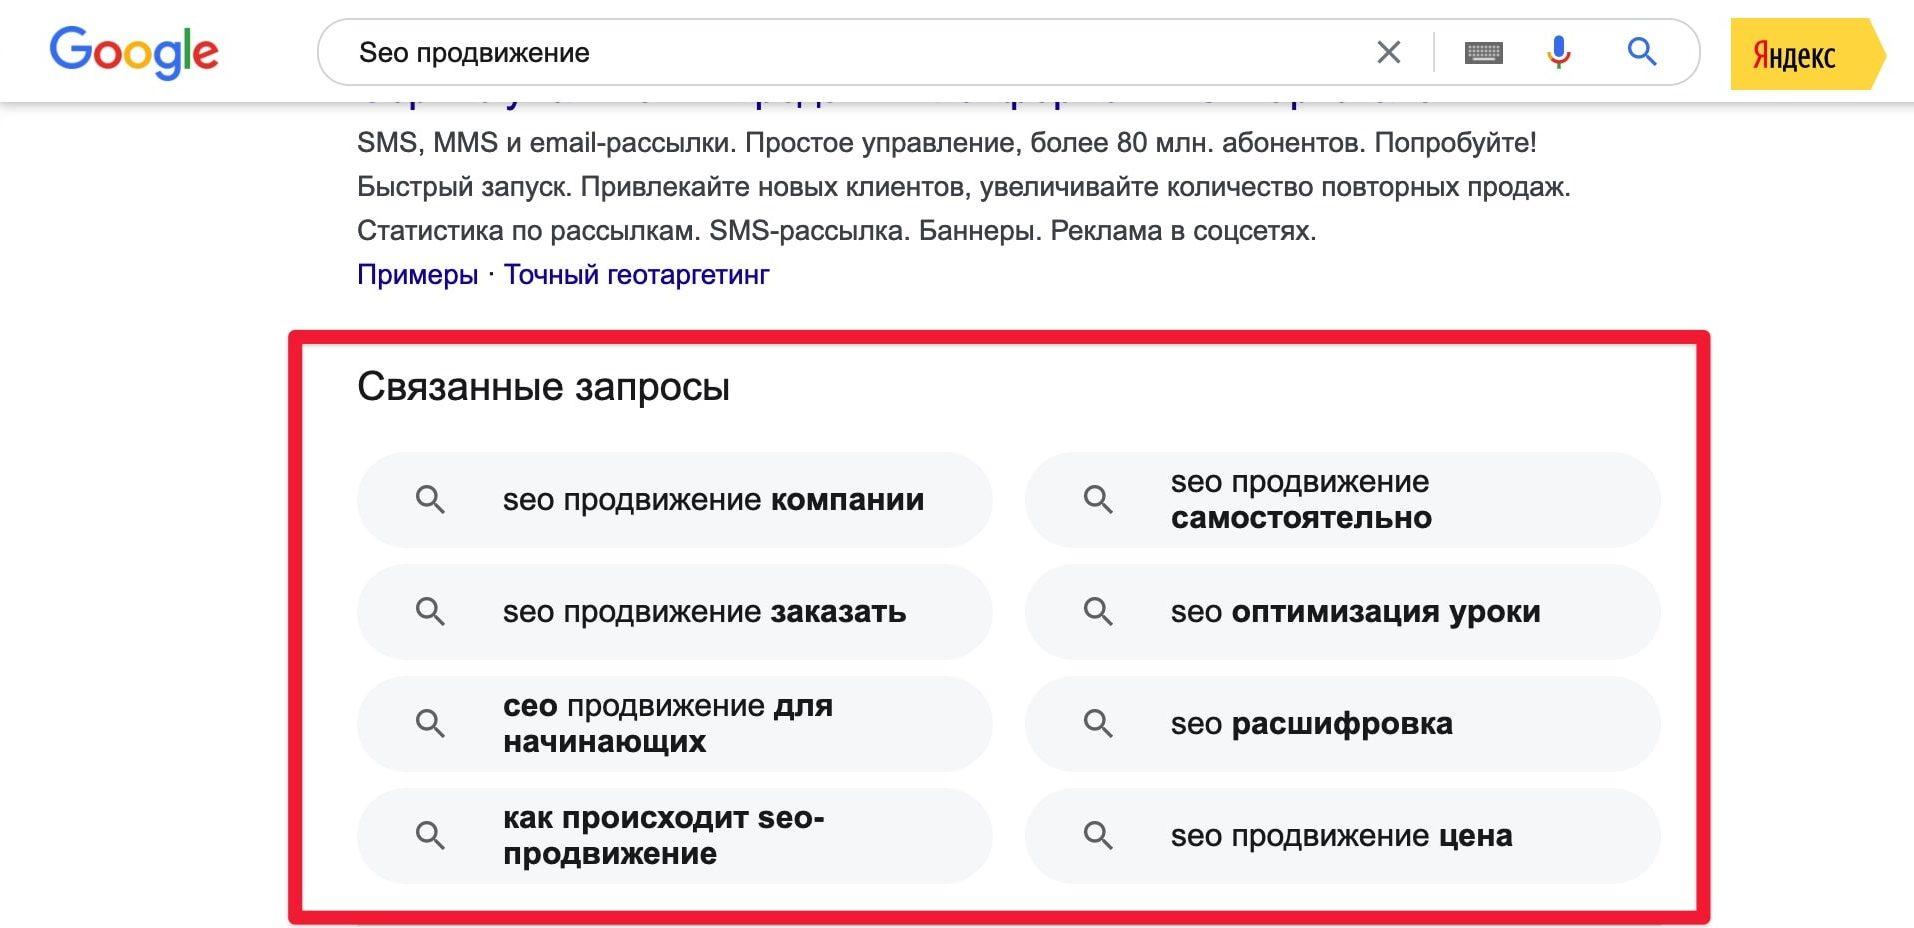 """блок """"связанные запросы"""" в выдаче гугл"""